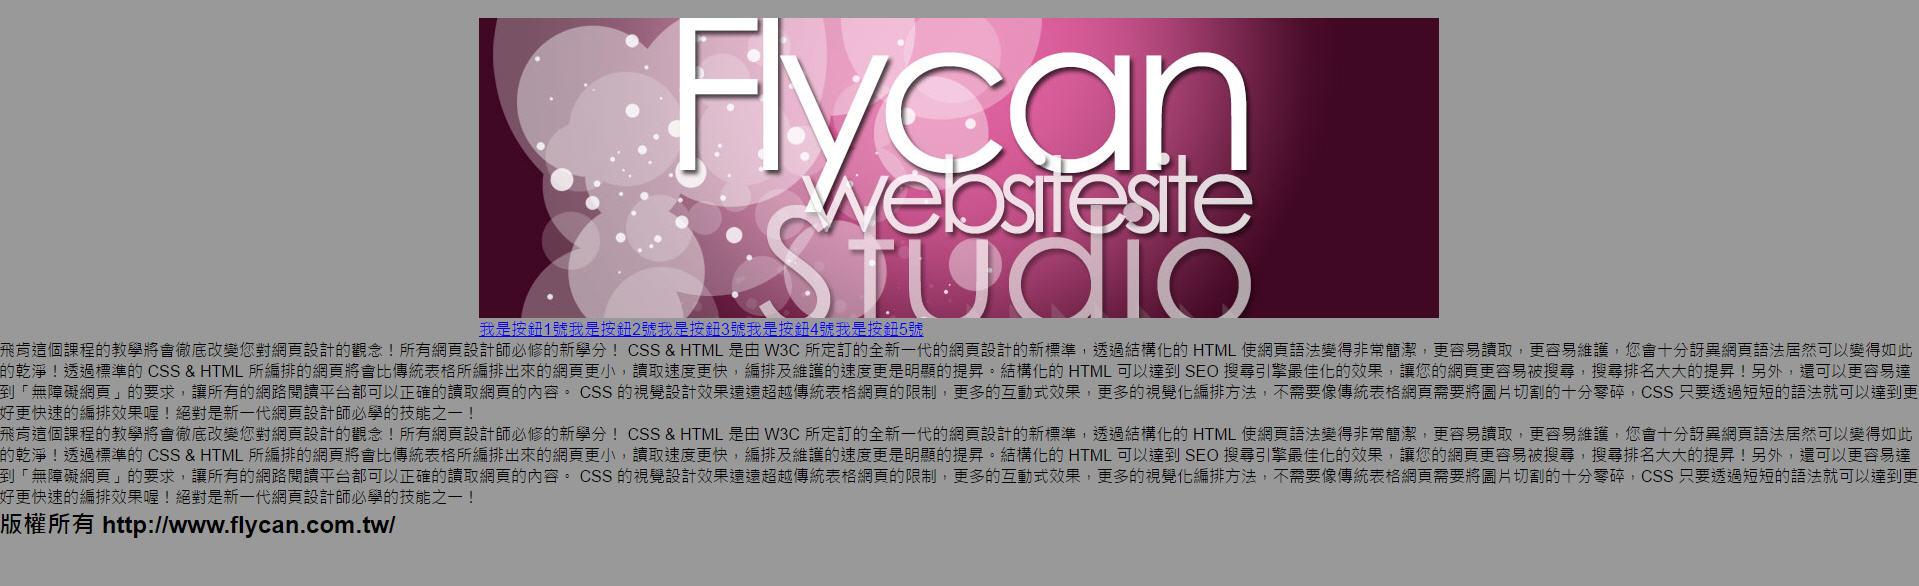 CSS 語法 - 網頁設計  - CSS 教學 – 單欄式網頁版型設計 - text-011-1